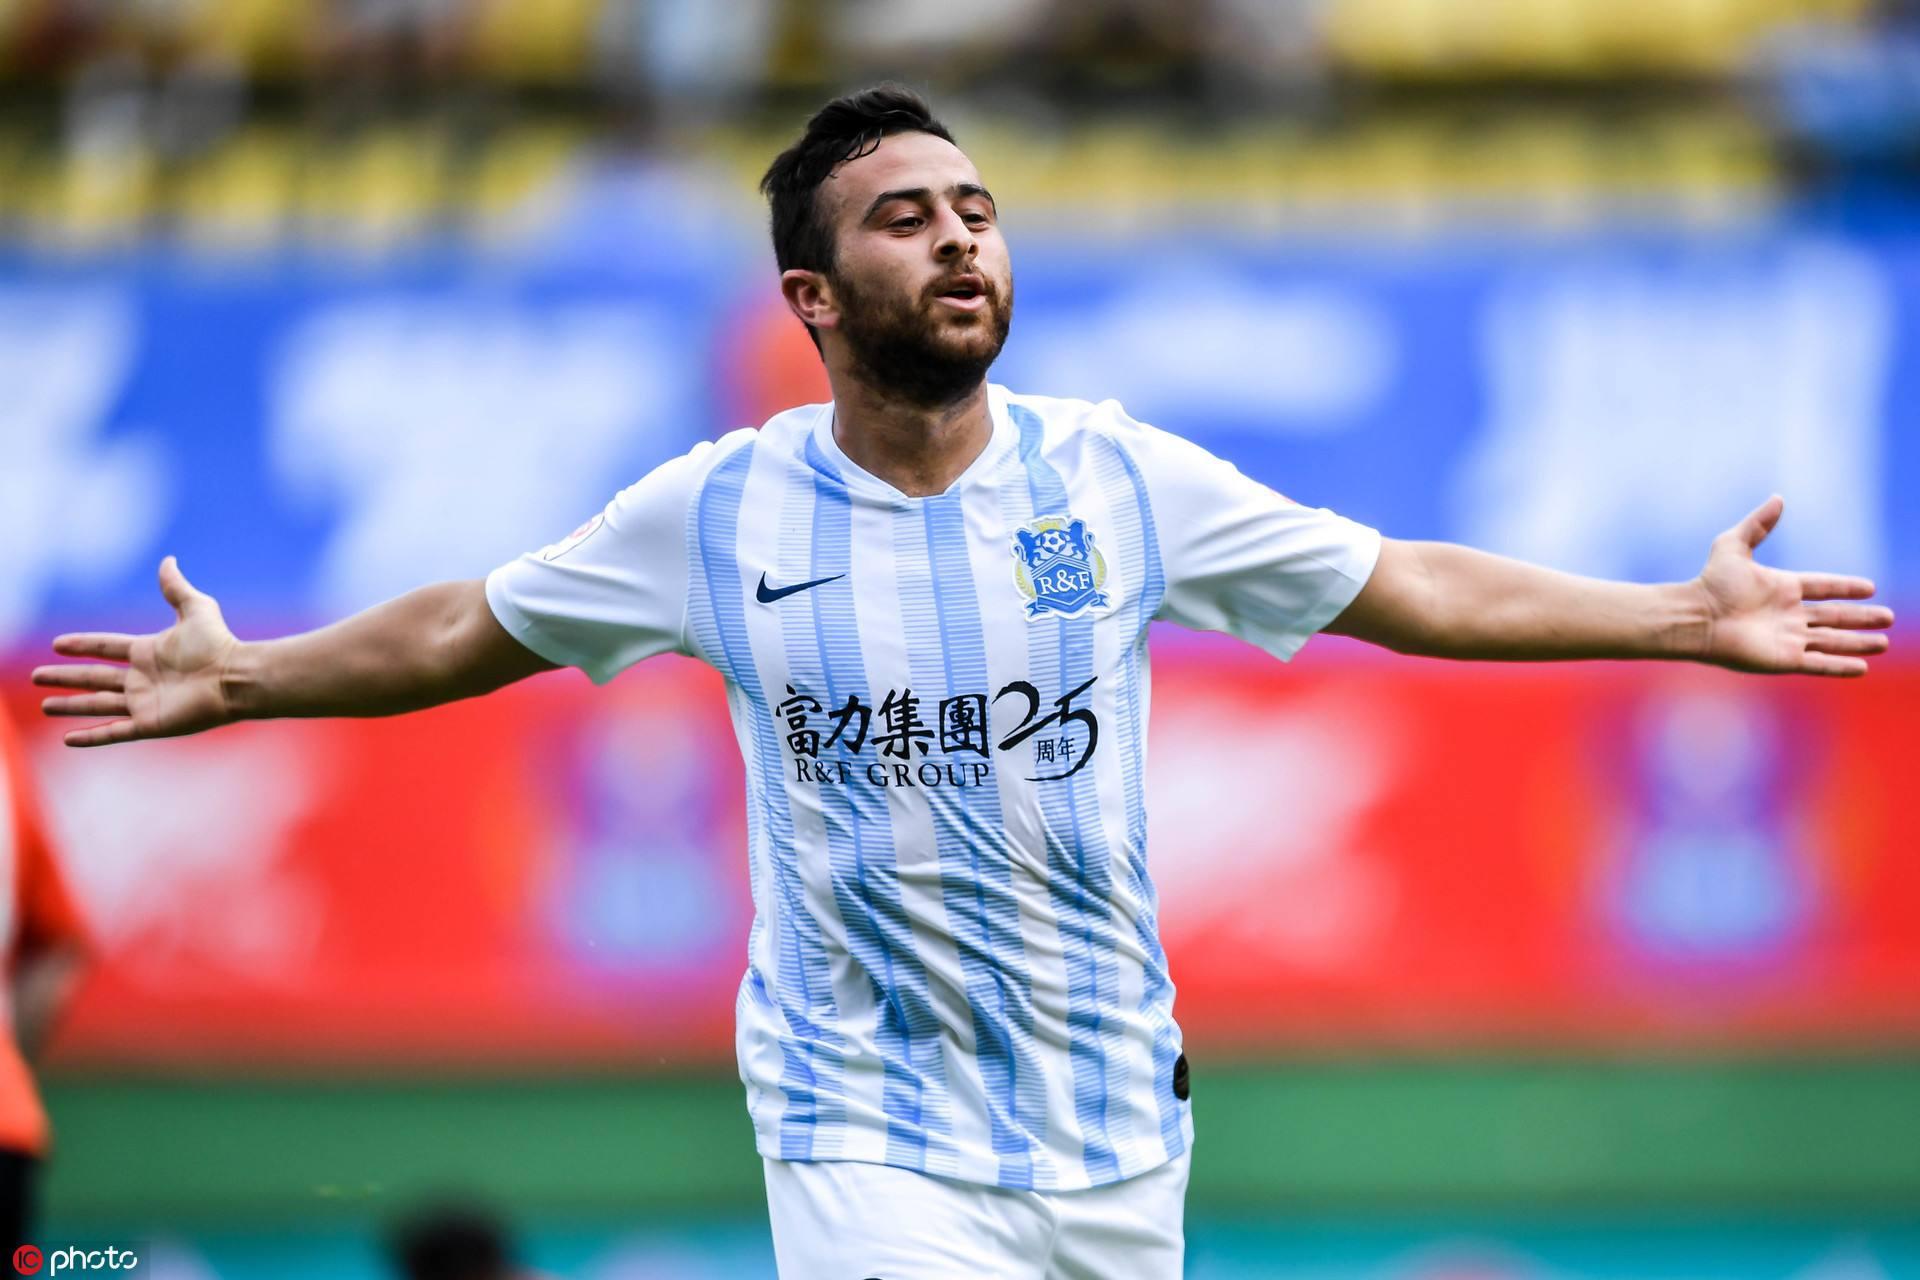 德转:萨巴从富力转会加盟迪拜胜利转会费为2